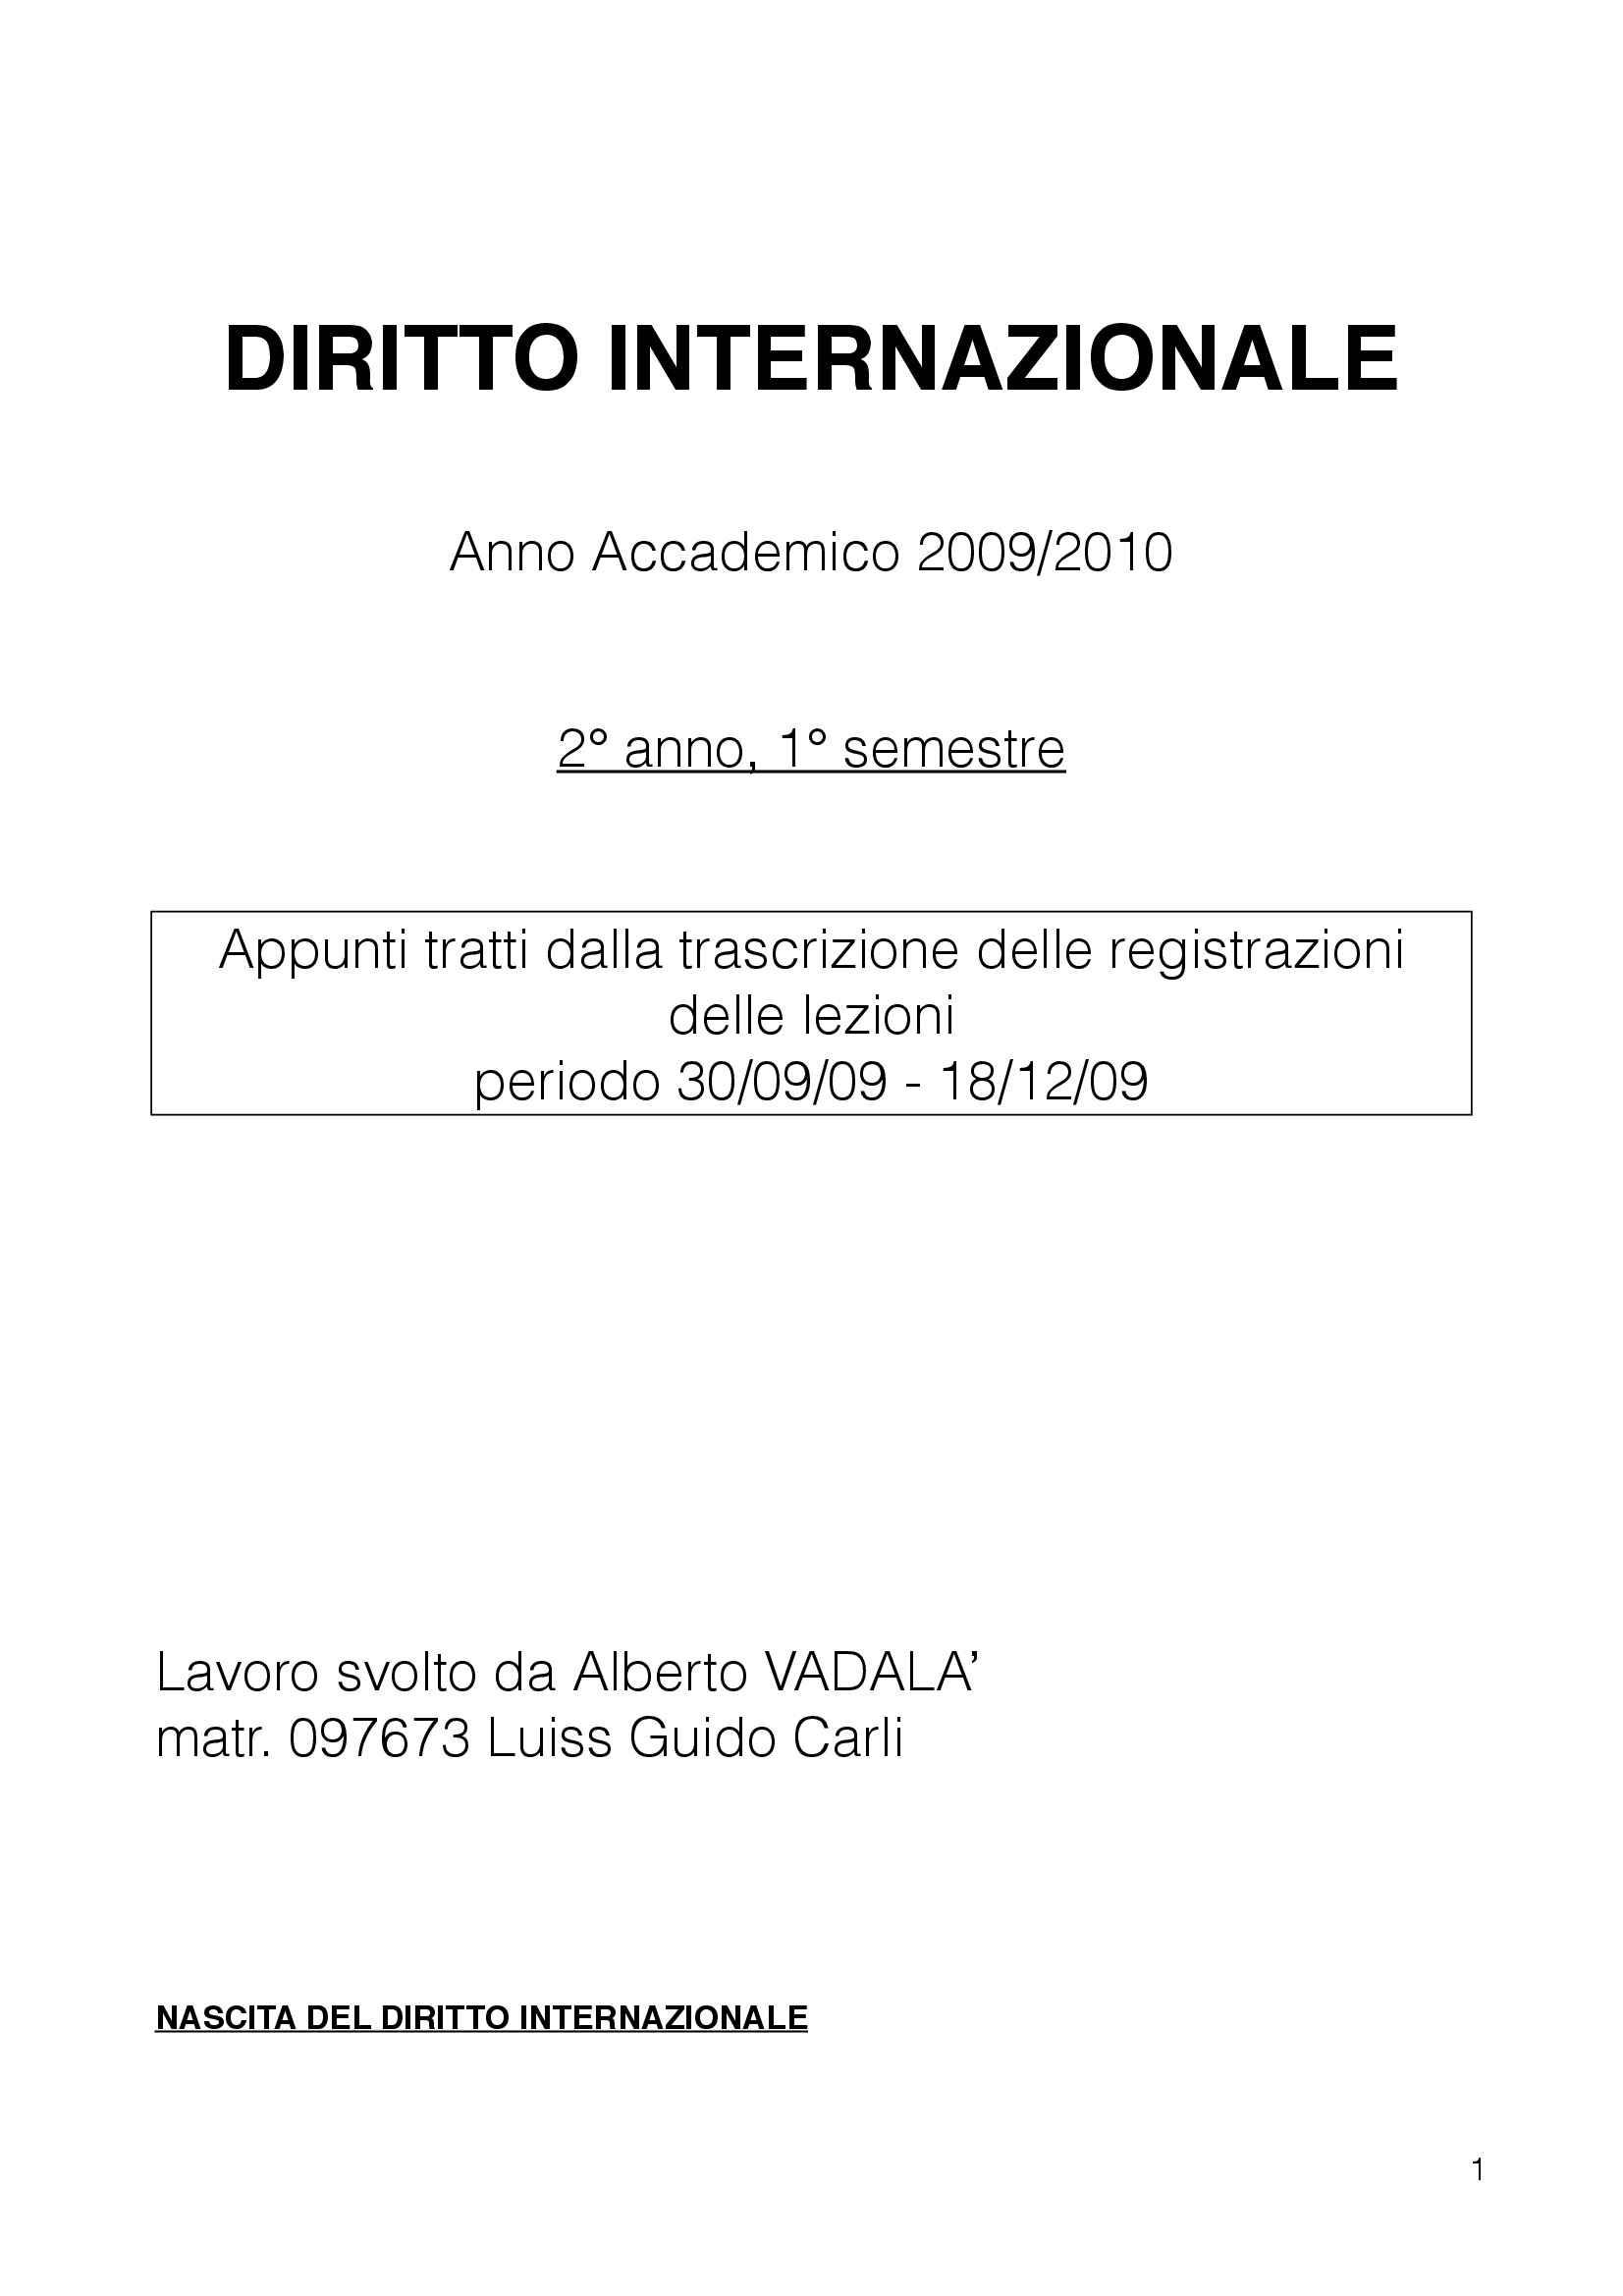 Diritto Internazionale - Appunti